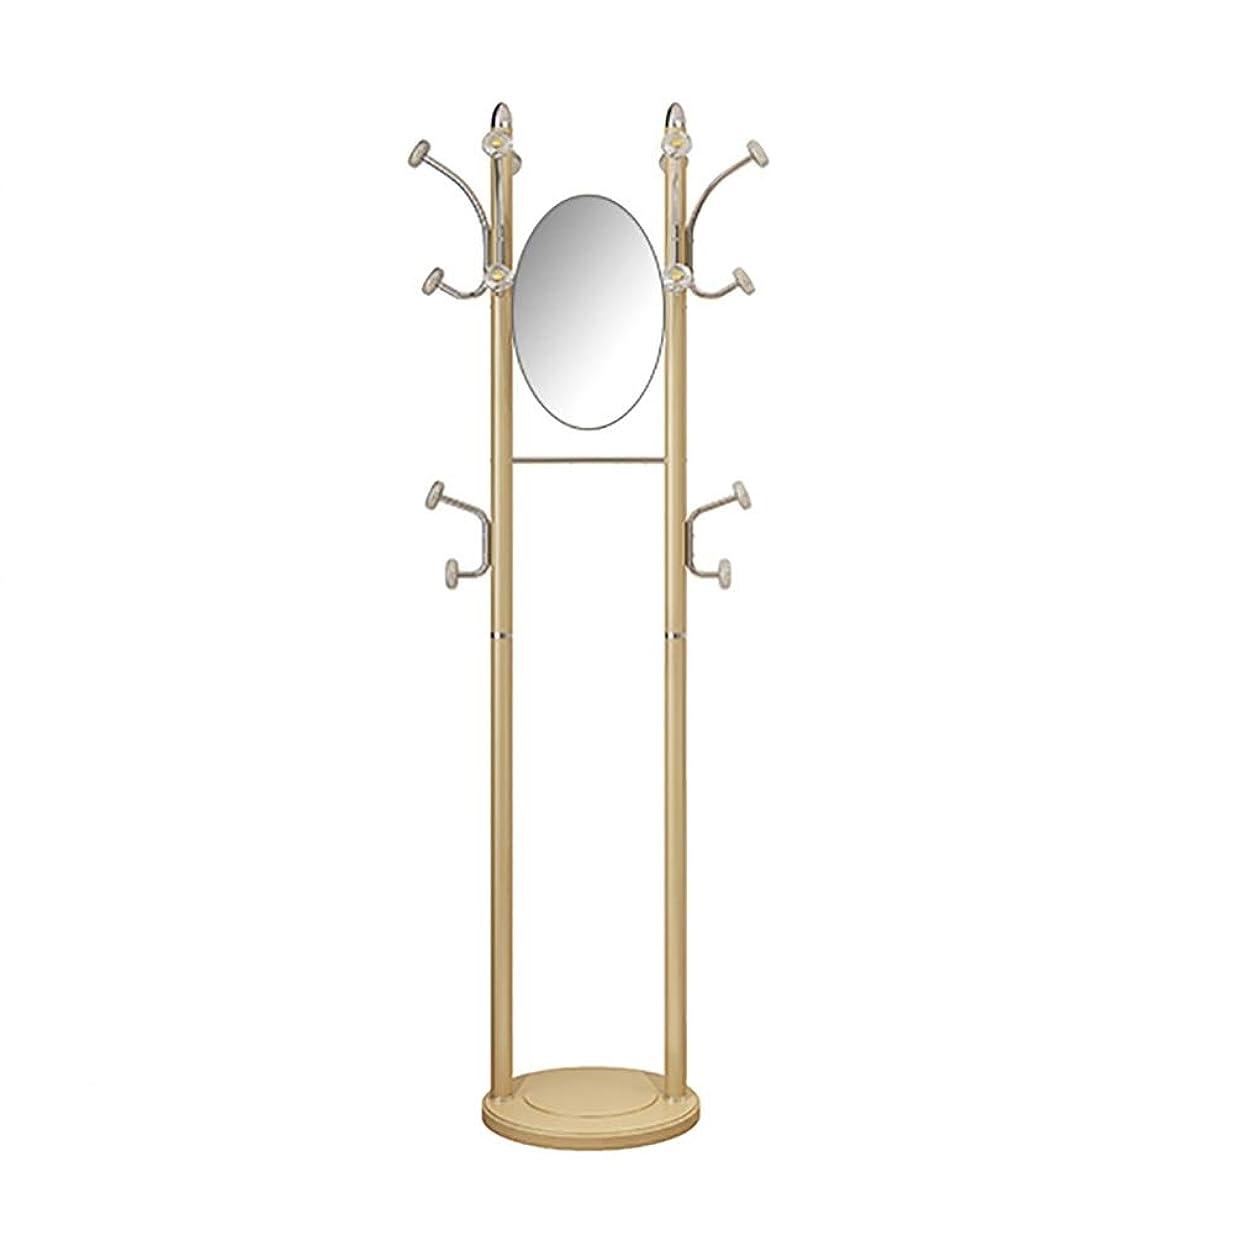 修士号人工方法論ZWJ コートラックフロアホーム寝室のシンプルな服ラックミラー付き多機能モバイルドレッシングミラーハンガー (Color : Gold)